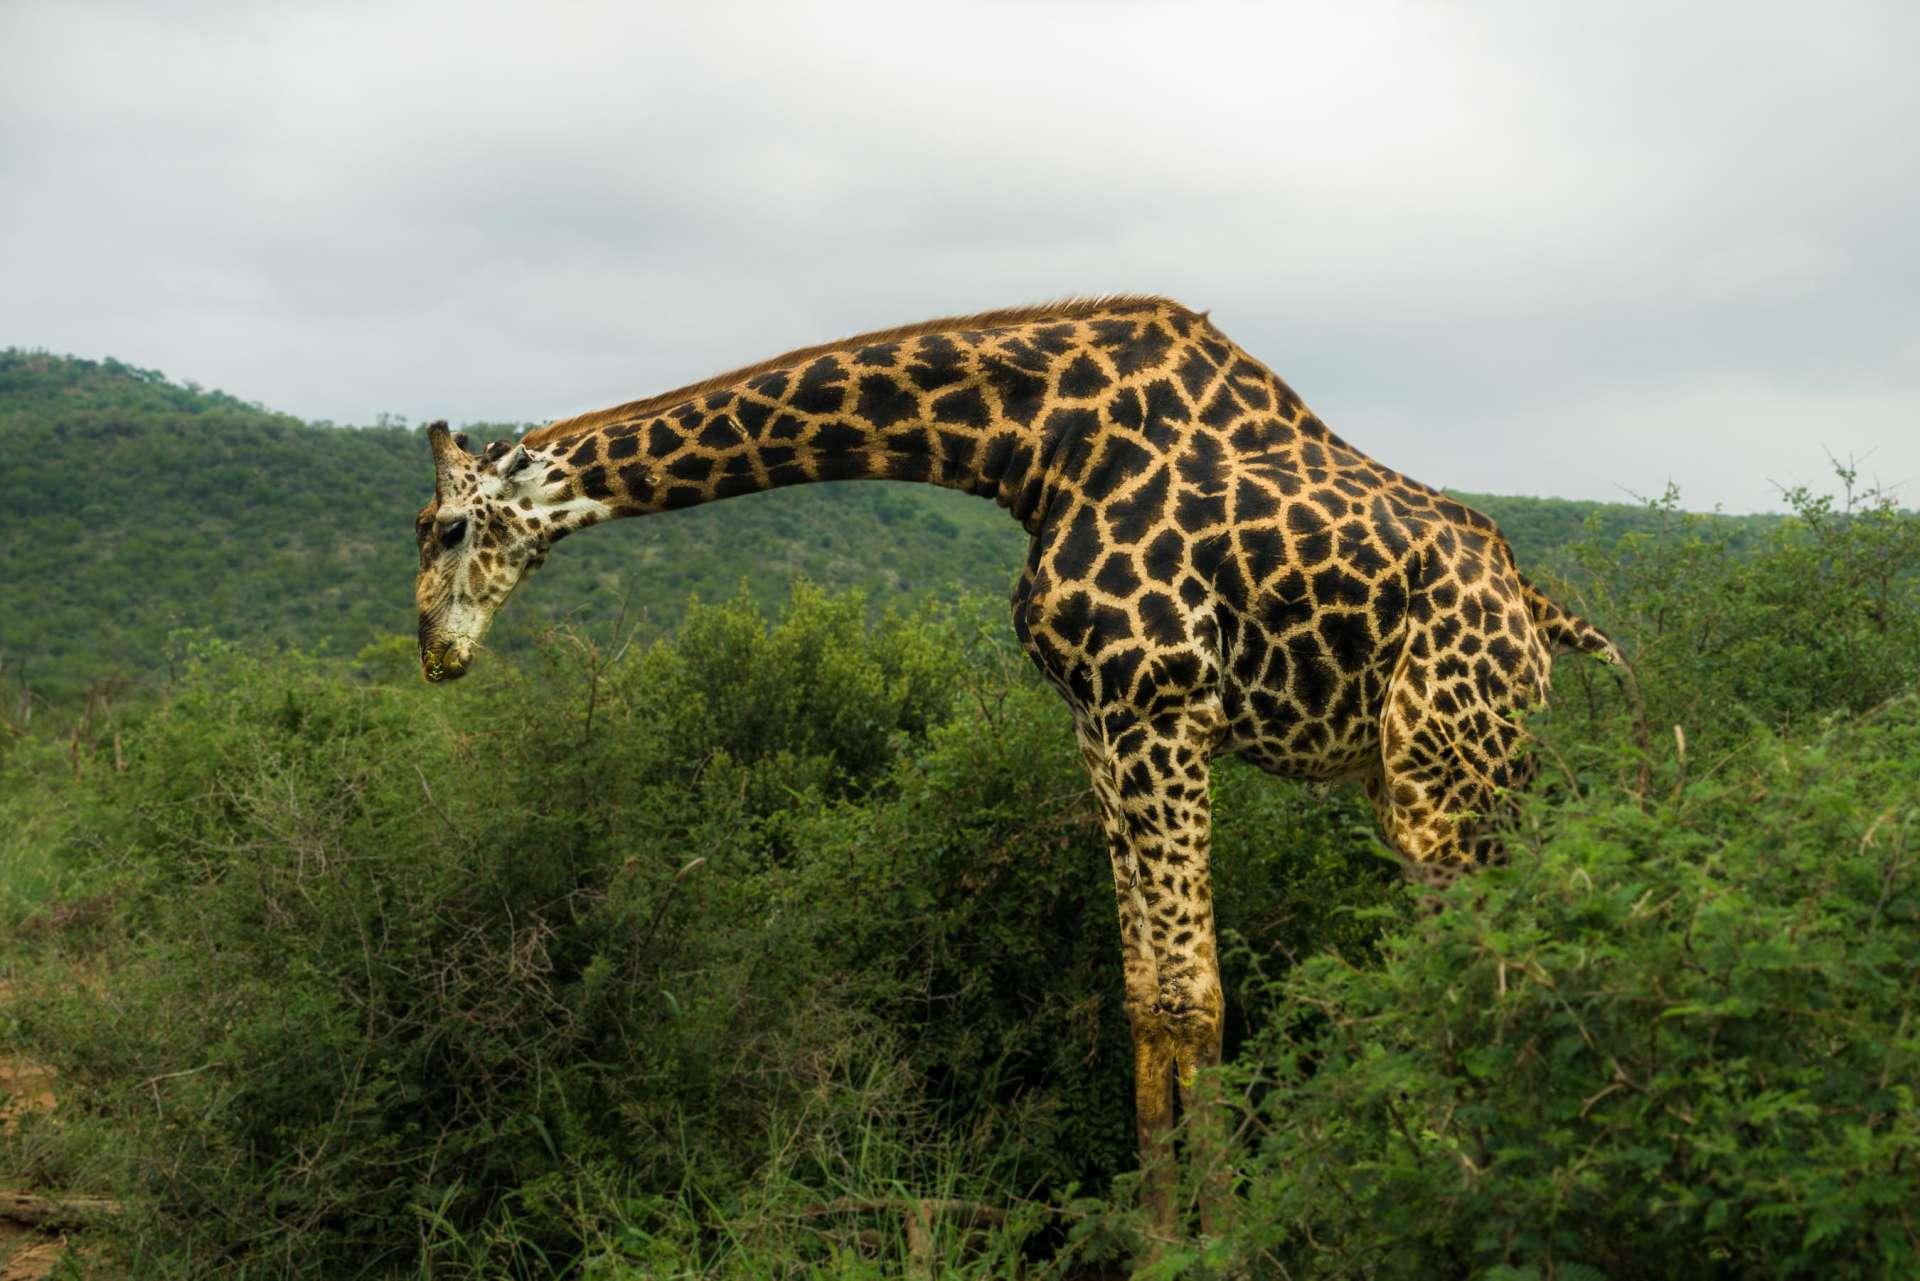 south africa madikwe safari pescart giraffe 3